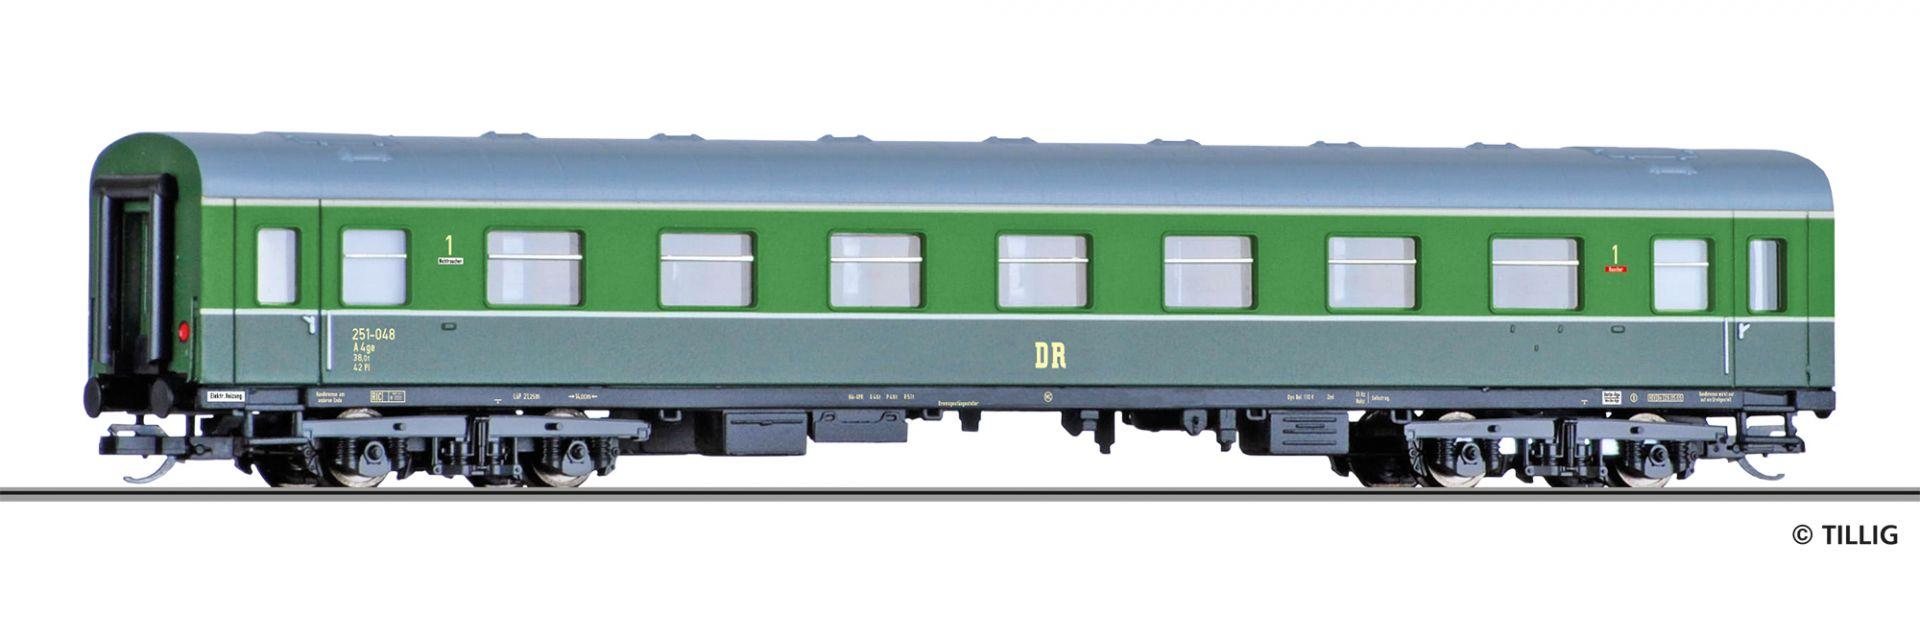 501820 | Reisezugwagen DR